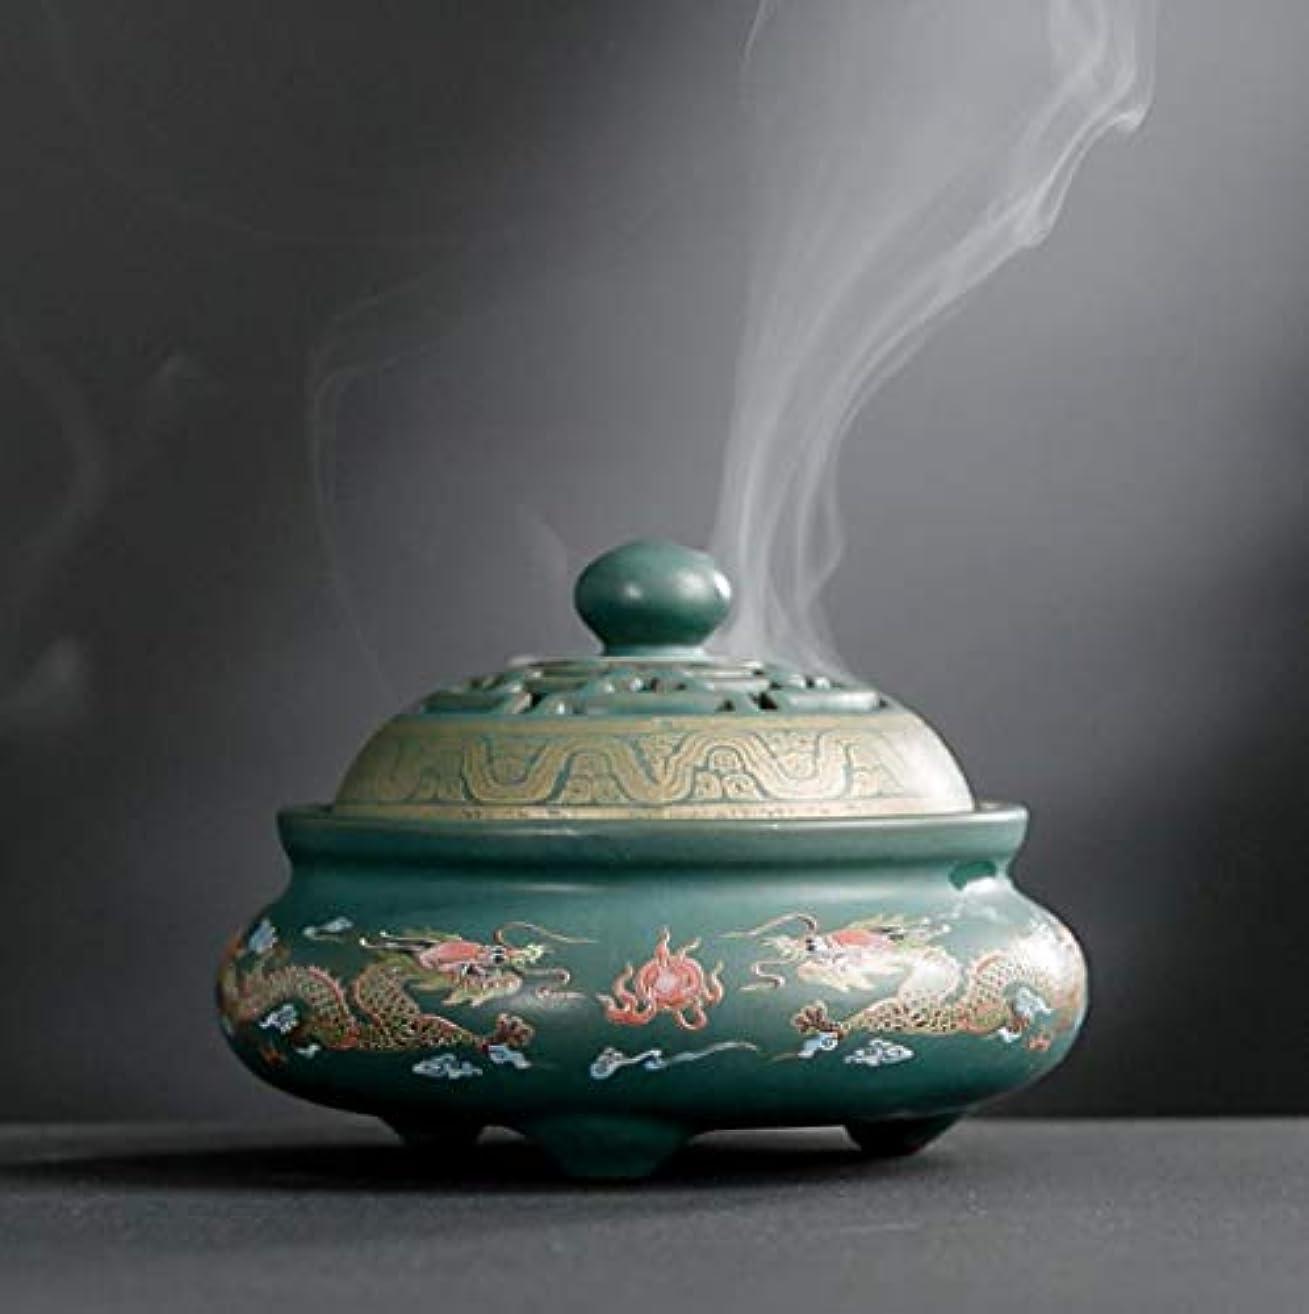 マラドロイト理解するはっきりしないYONIK 香炉 渦巻き線香ホルダー 蚊取り線香ホルダー 線香入れ 磁器 香皿 蓋付き 香立て付き 和風